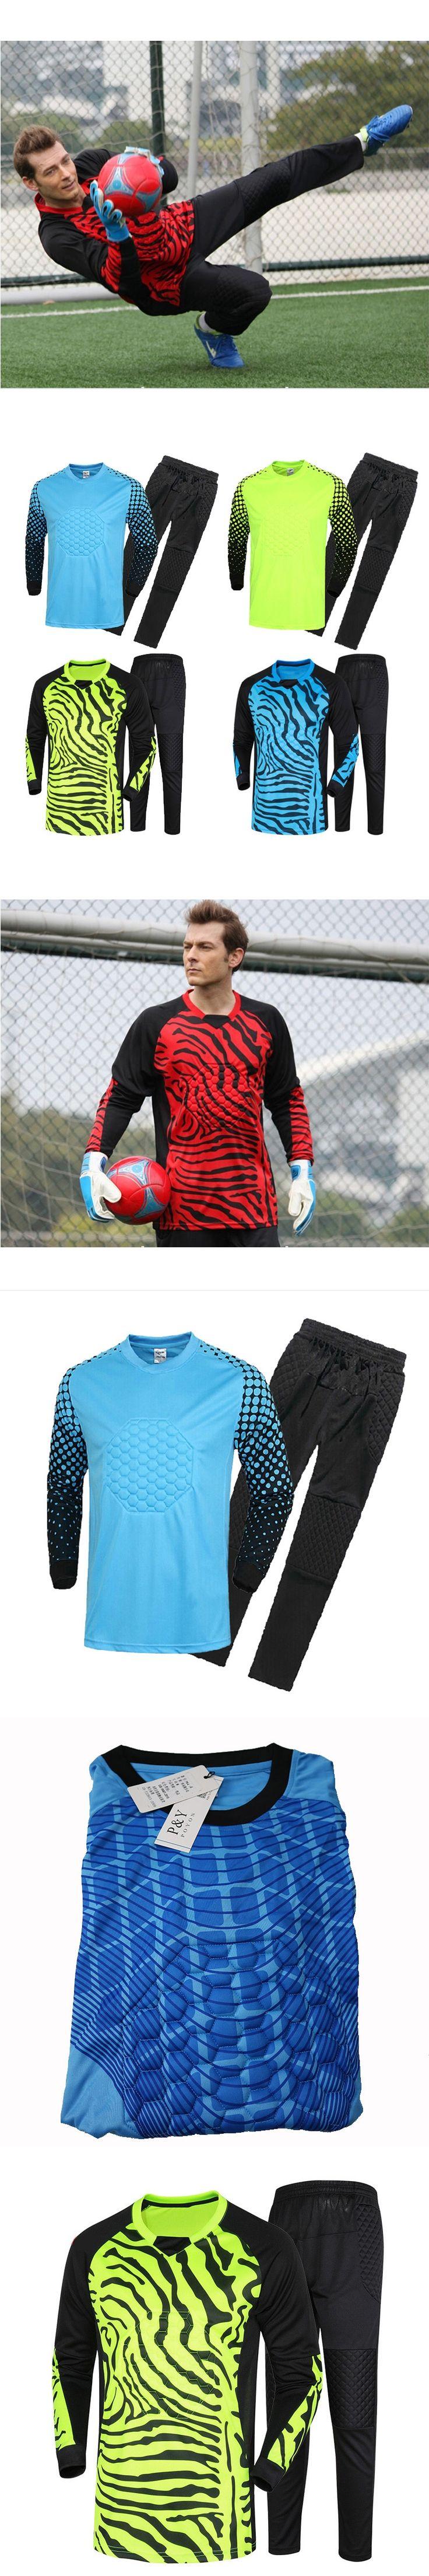 Men's Soccer Goalkeeper Jersey Set Sponge Protector Suit Camisetas De Futbol Jersey Kids Goal Keeper Uniforms